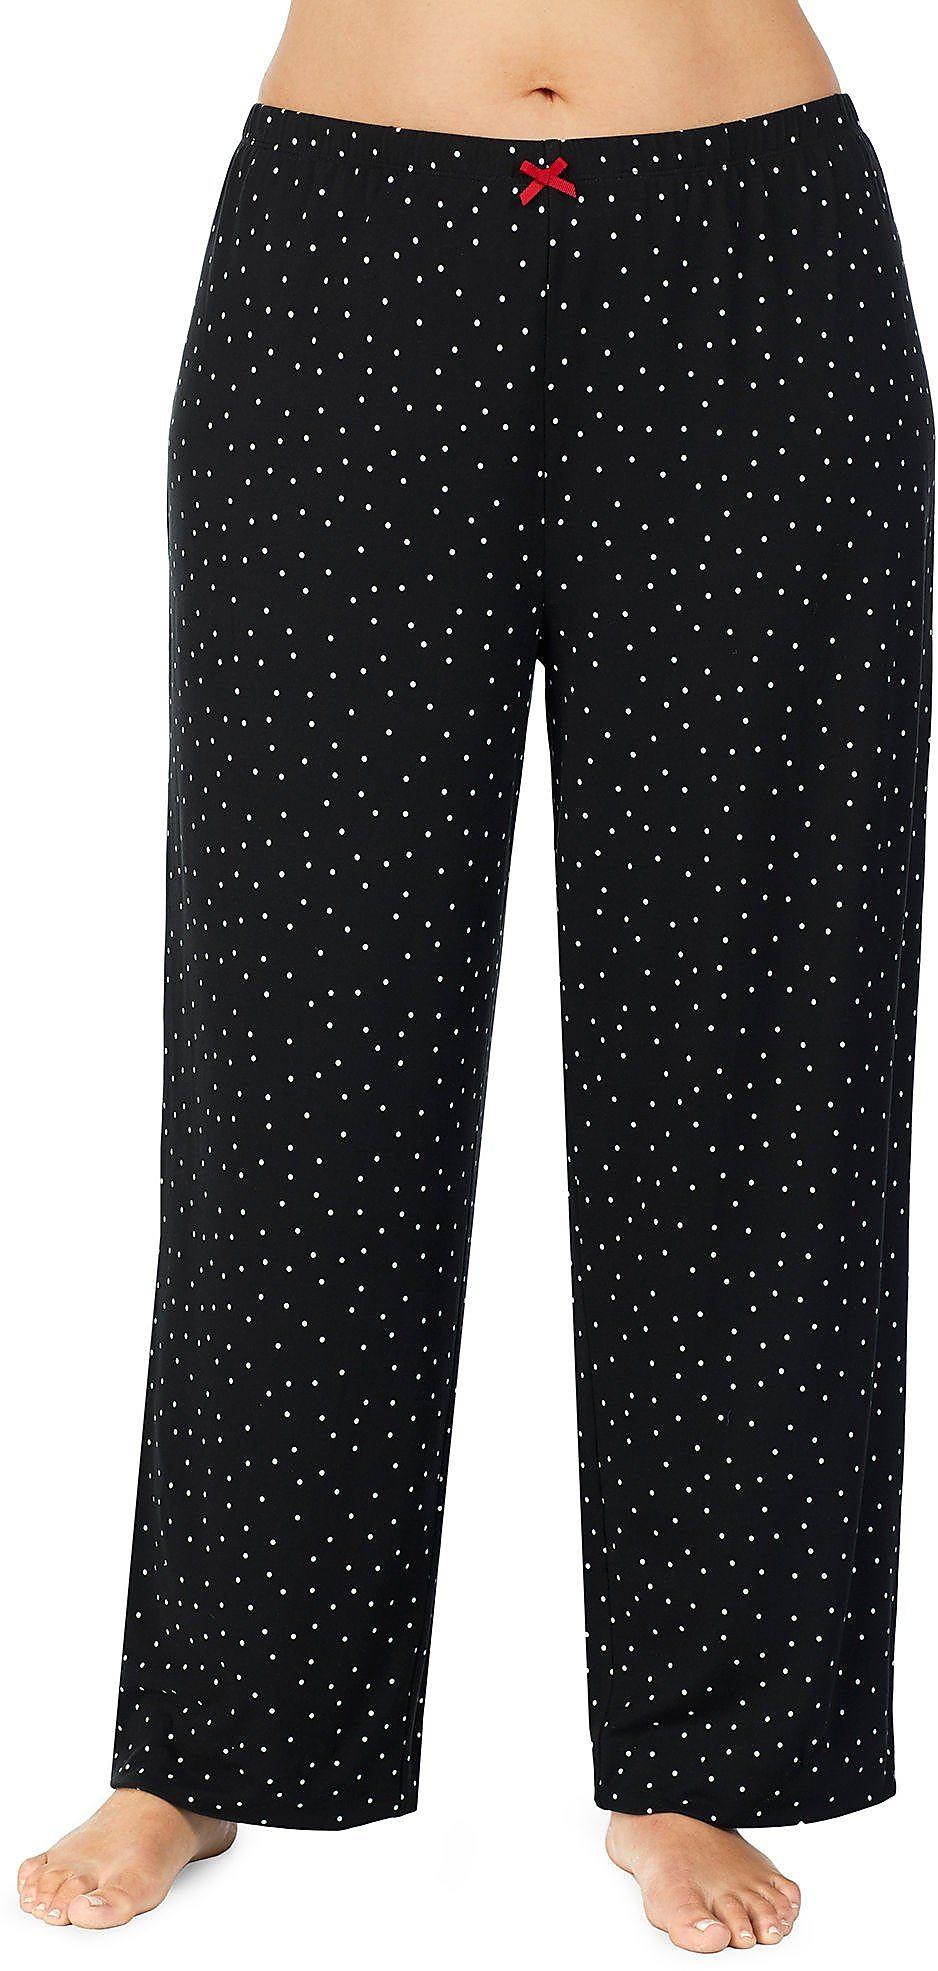 b3de859e76b3 Ellen Tracy Plus Polka Dot Print Pajama Pants | eBay